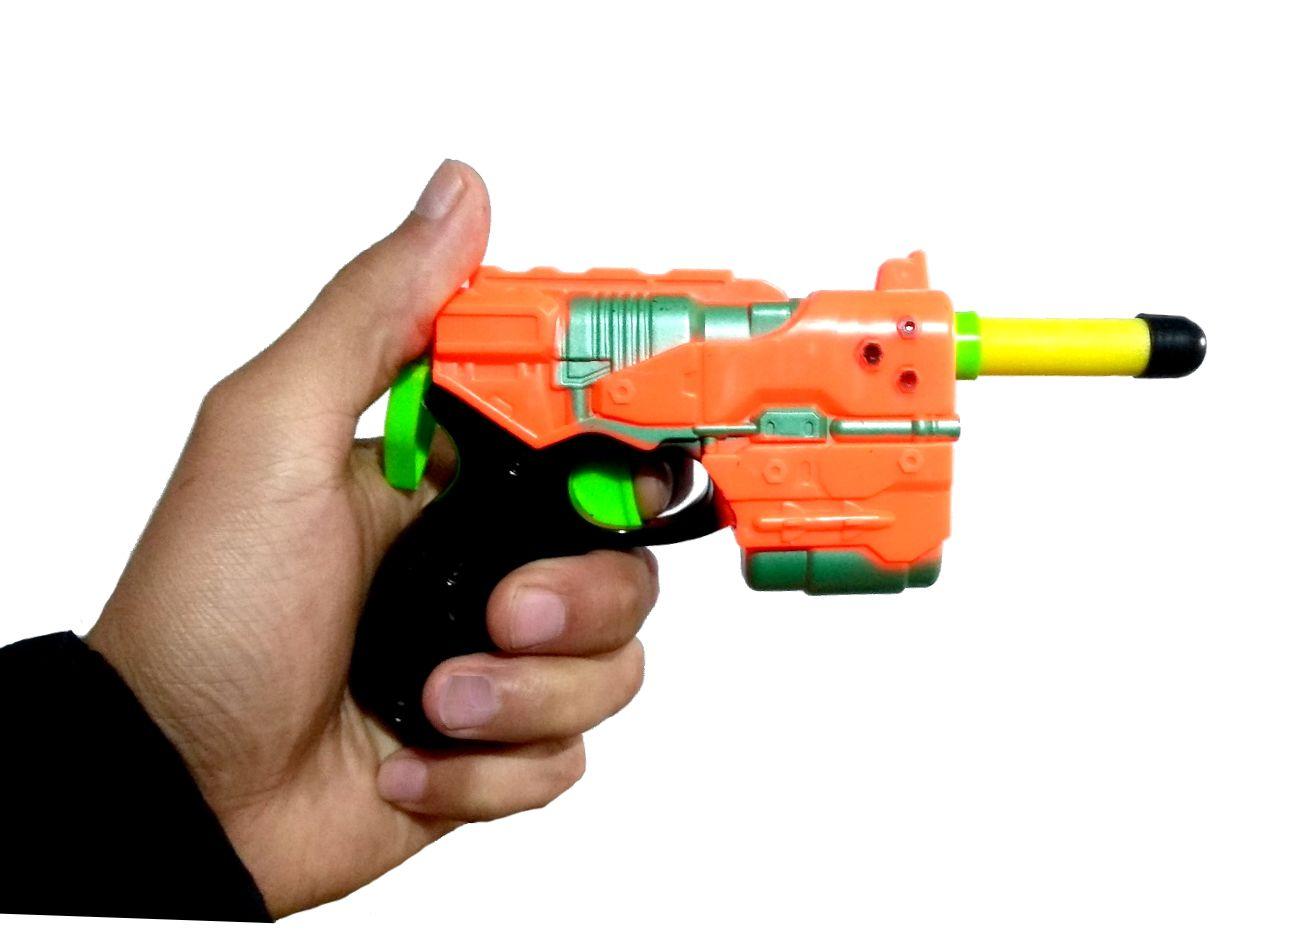 Pistola Nerf Arma Lança Dardos Arminha de Brinquedo